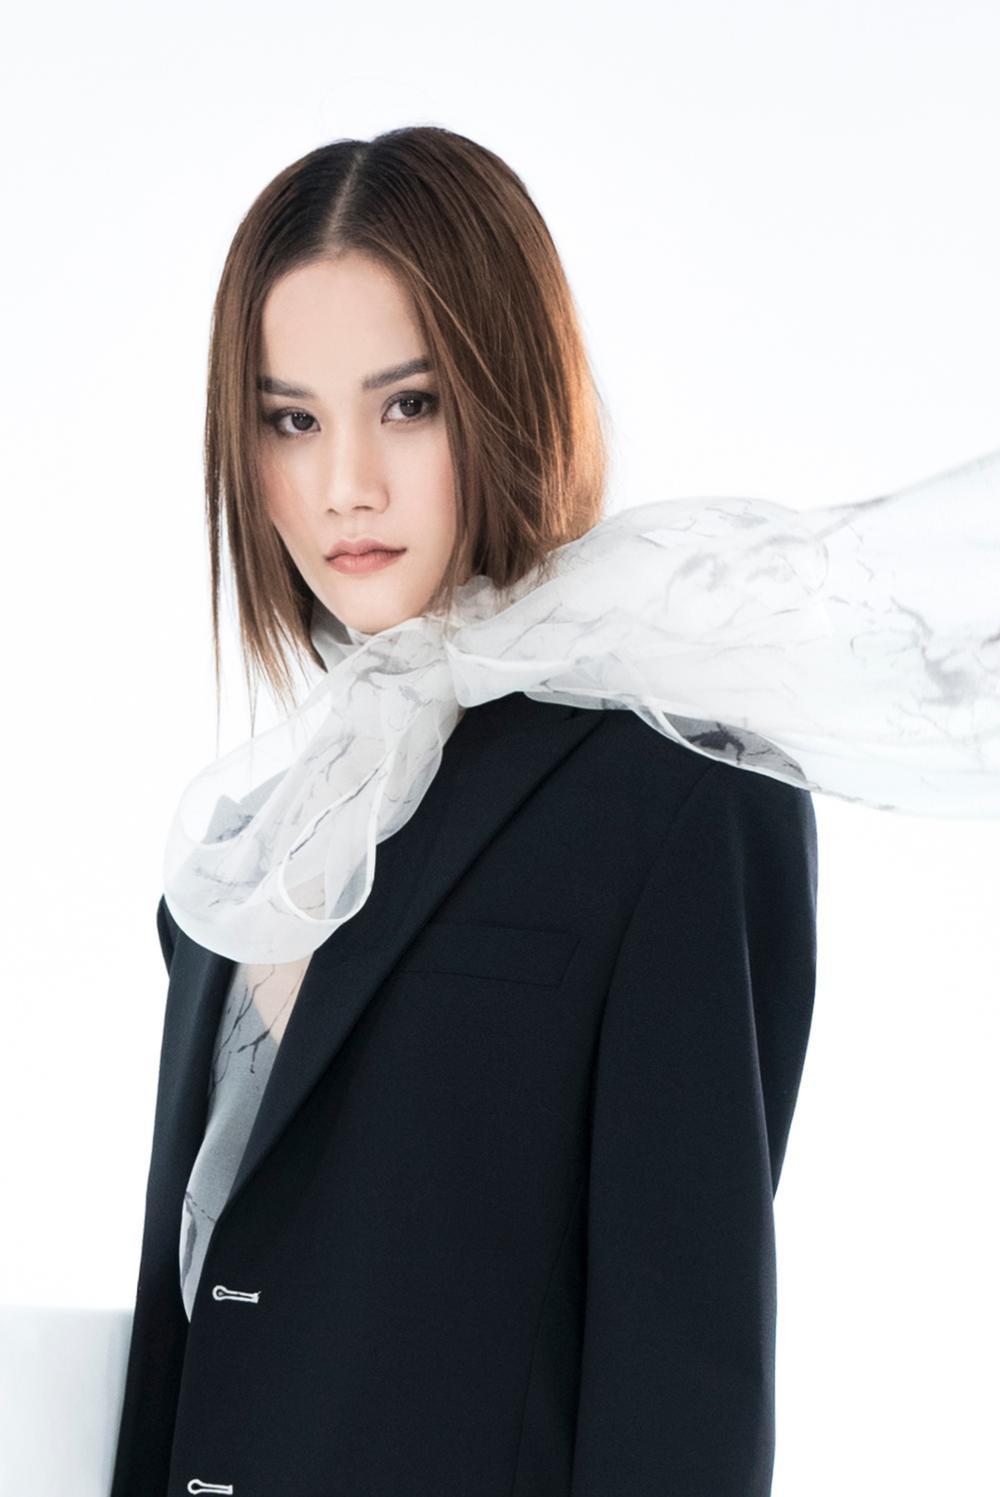 NTK Trần Hùng ra mắt BST tại London Fashion Week, chỉ dùng một người mẫu duy nhất Ảnh 7